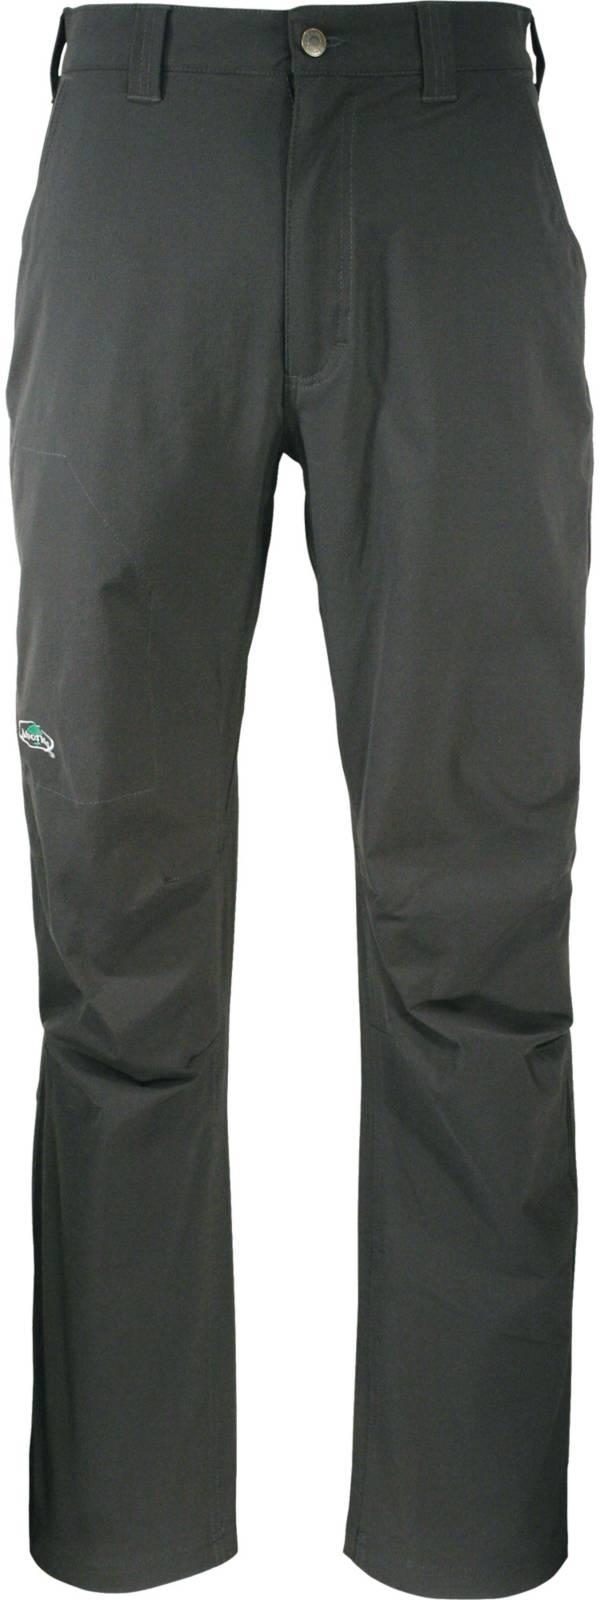 Arborwear Men's Canopy Pants product image